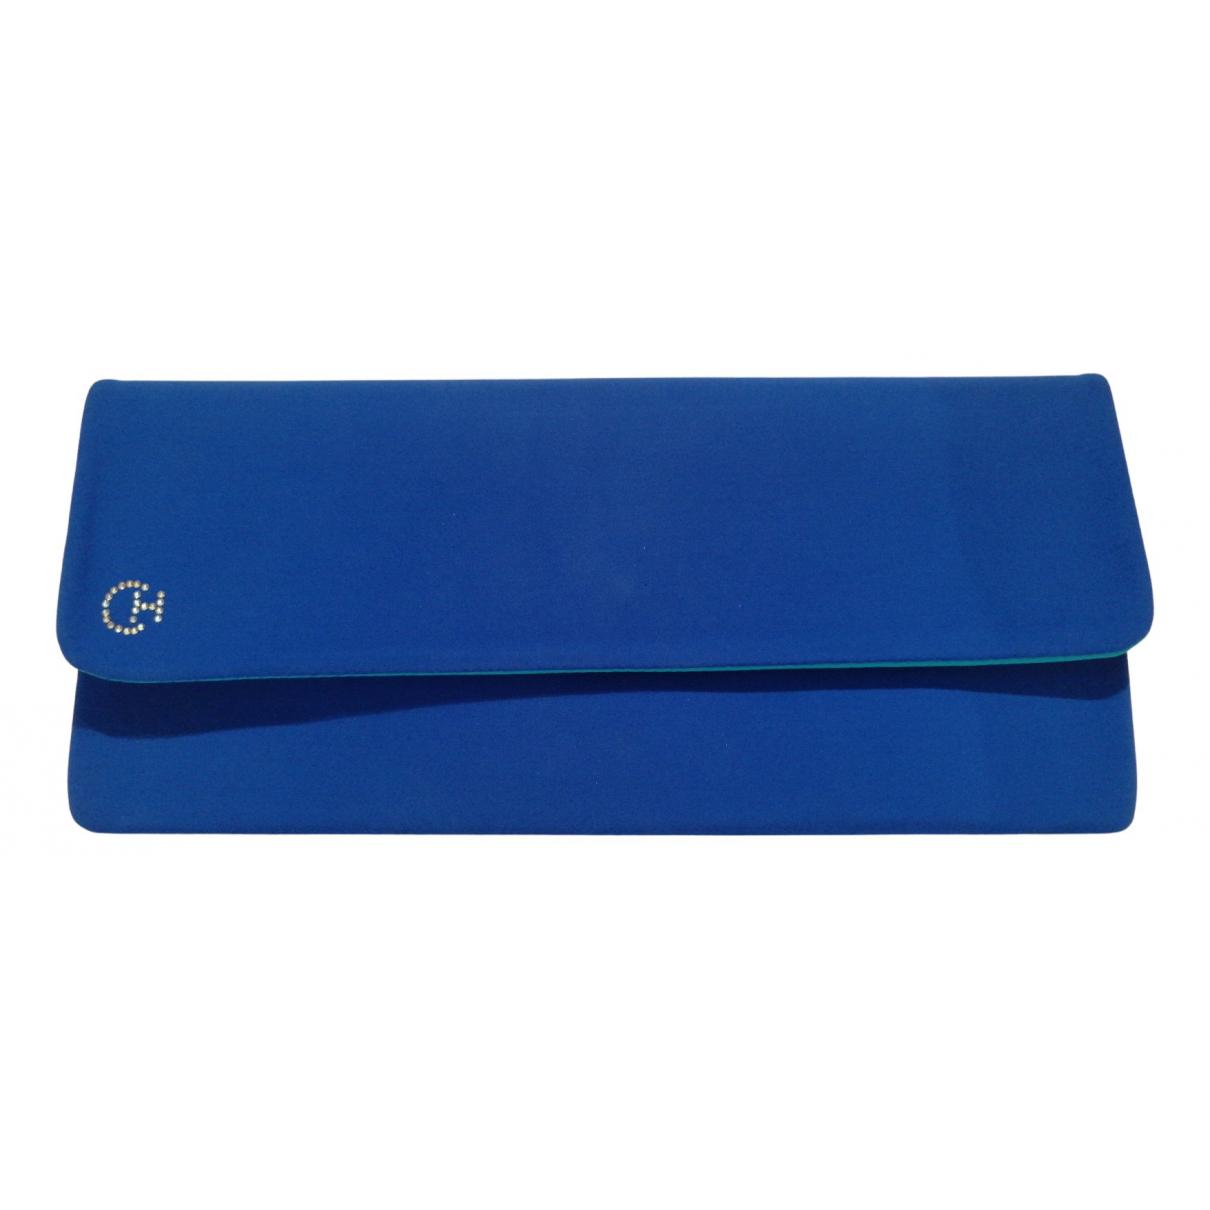 Christys \N Handtasche in  Blau Polyester